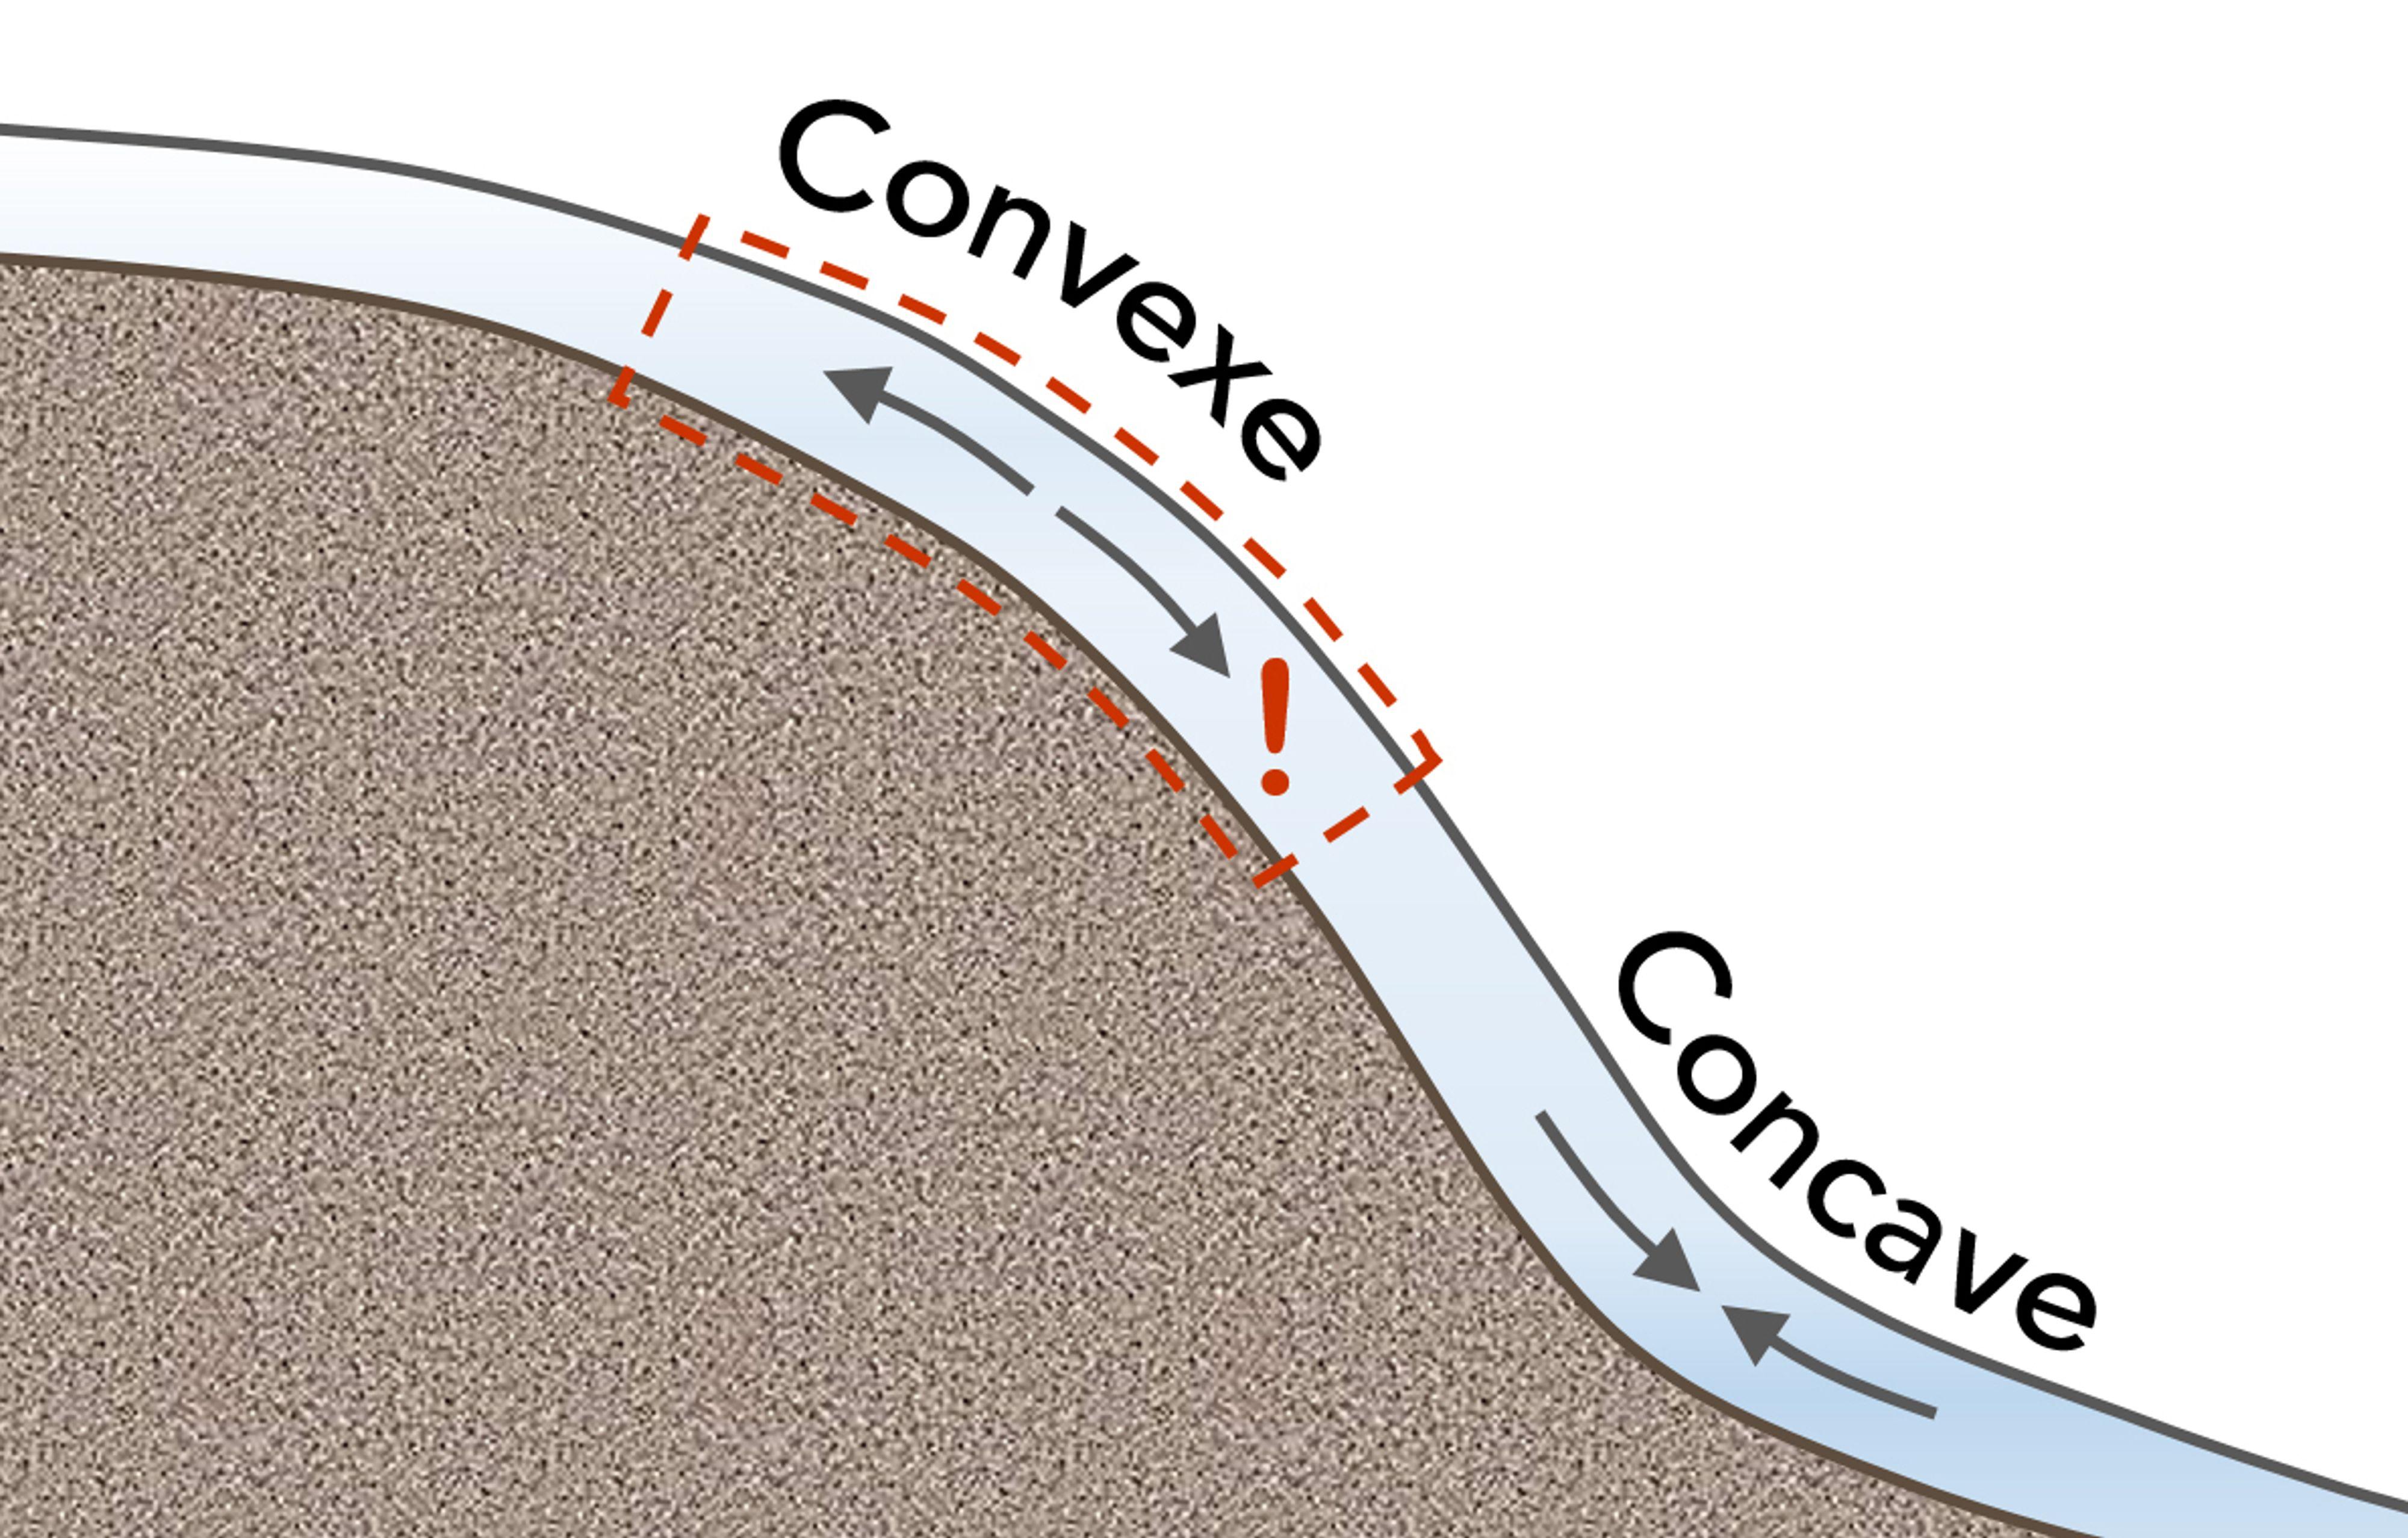 Comparées aux autres types de pentes, les pentes convexes ont davantage tendance à être un point déclencheur. La section concave d'une petite pente peut parfois soutenir une section plus abrupte qui se trouve plus haut.